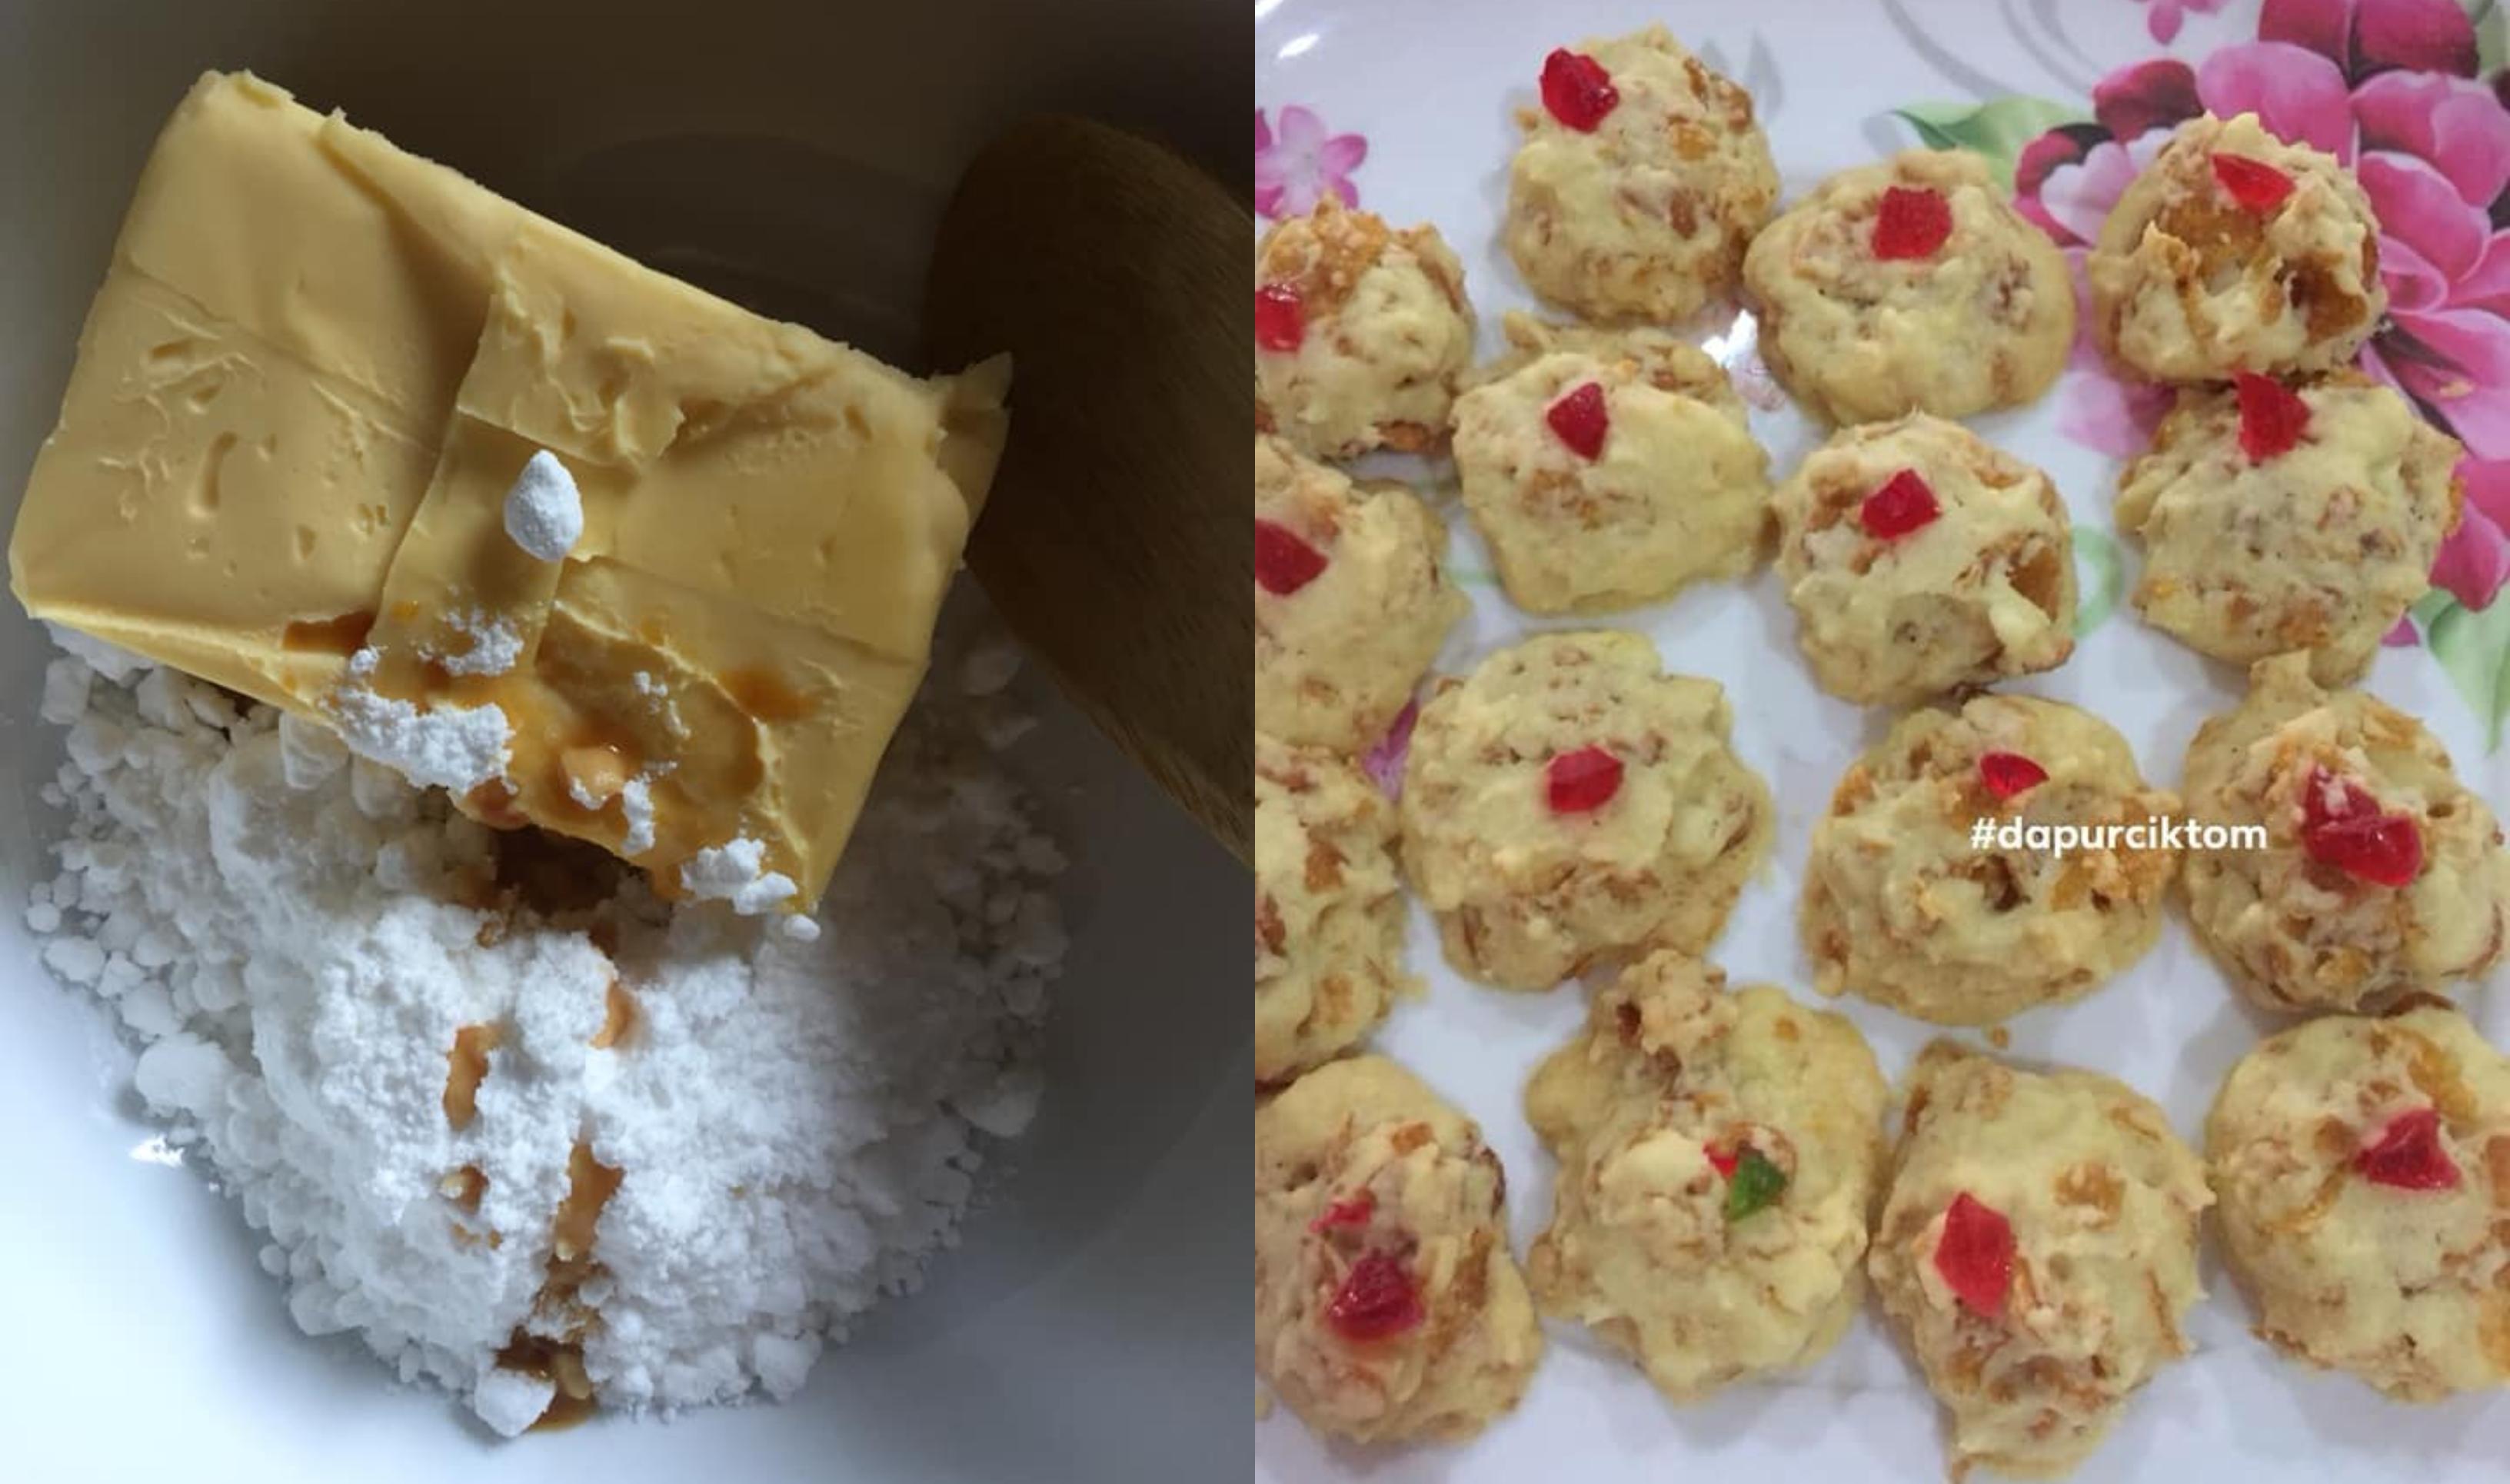 Resepi Biskut Cornflakes Crunchy Mudah